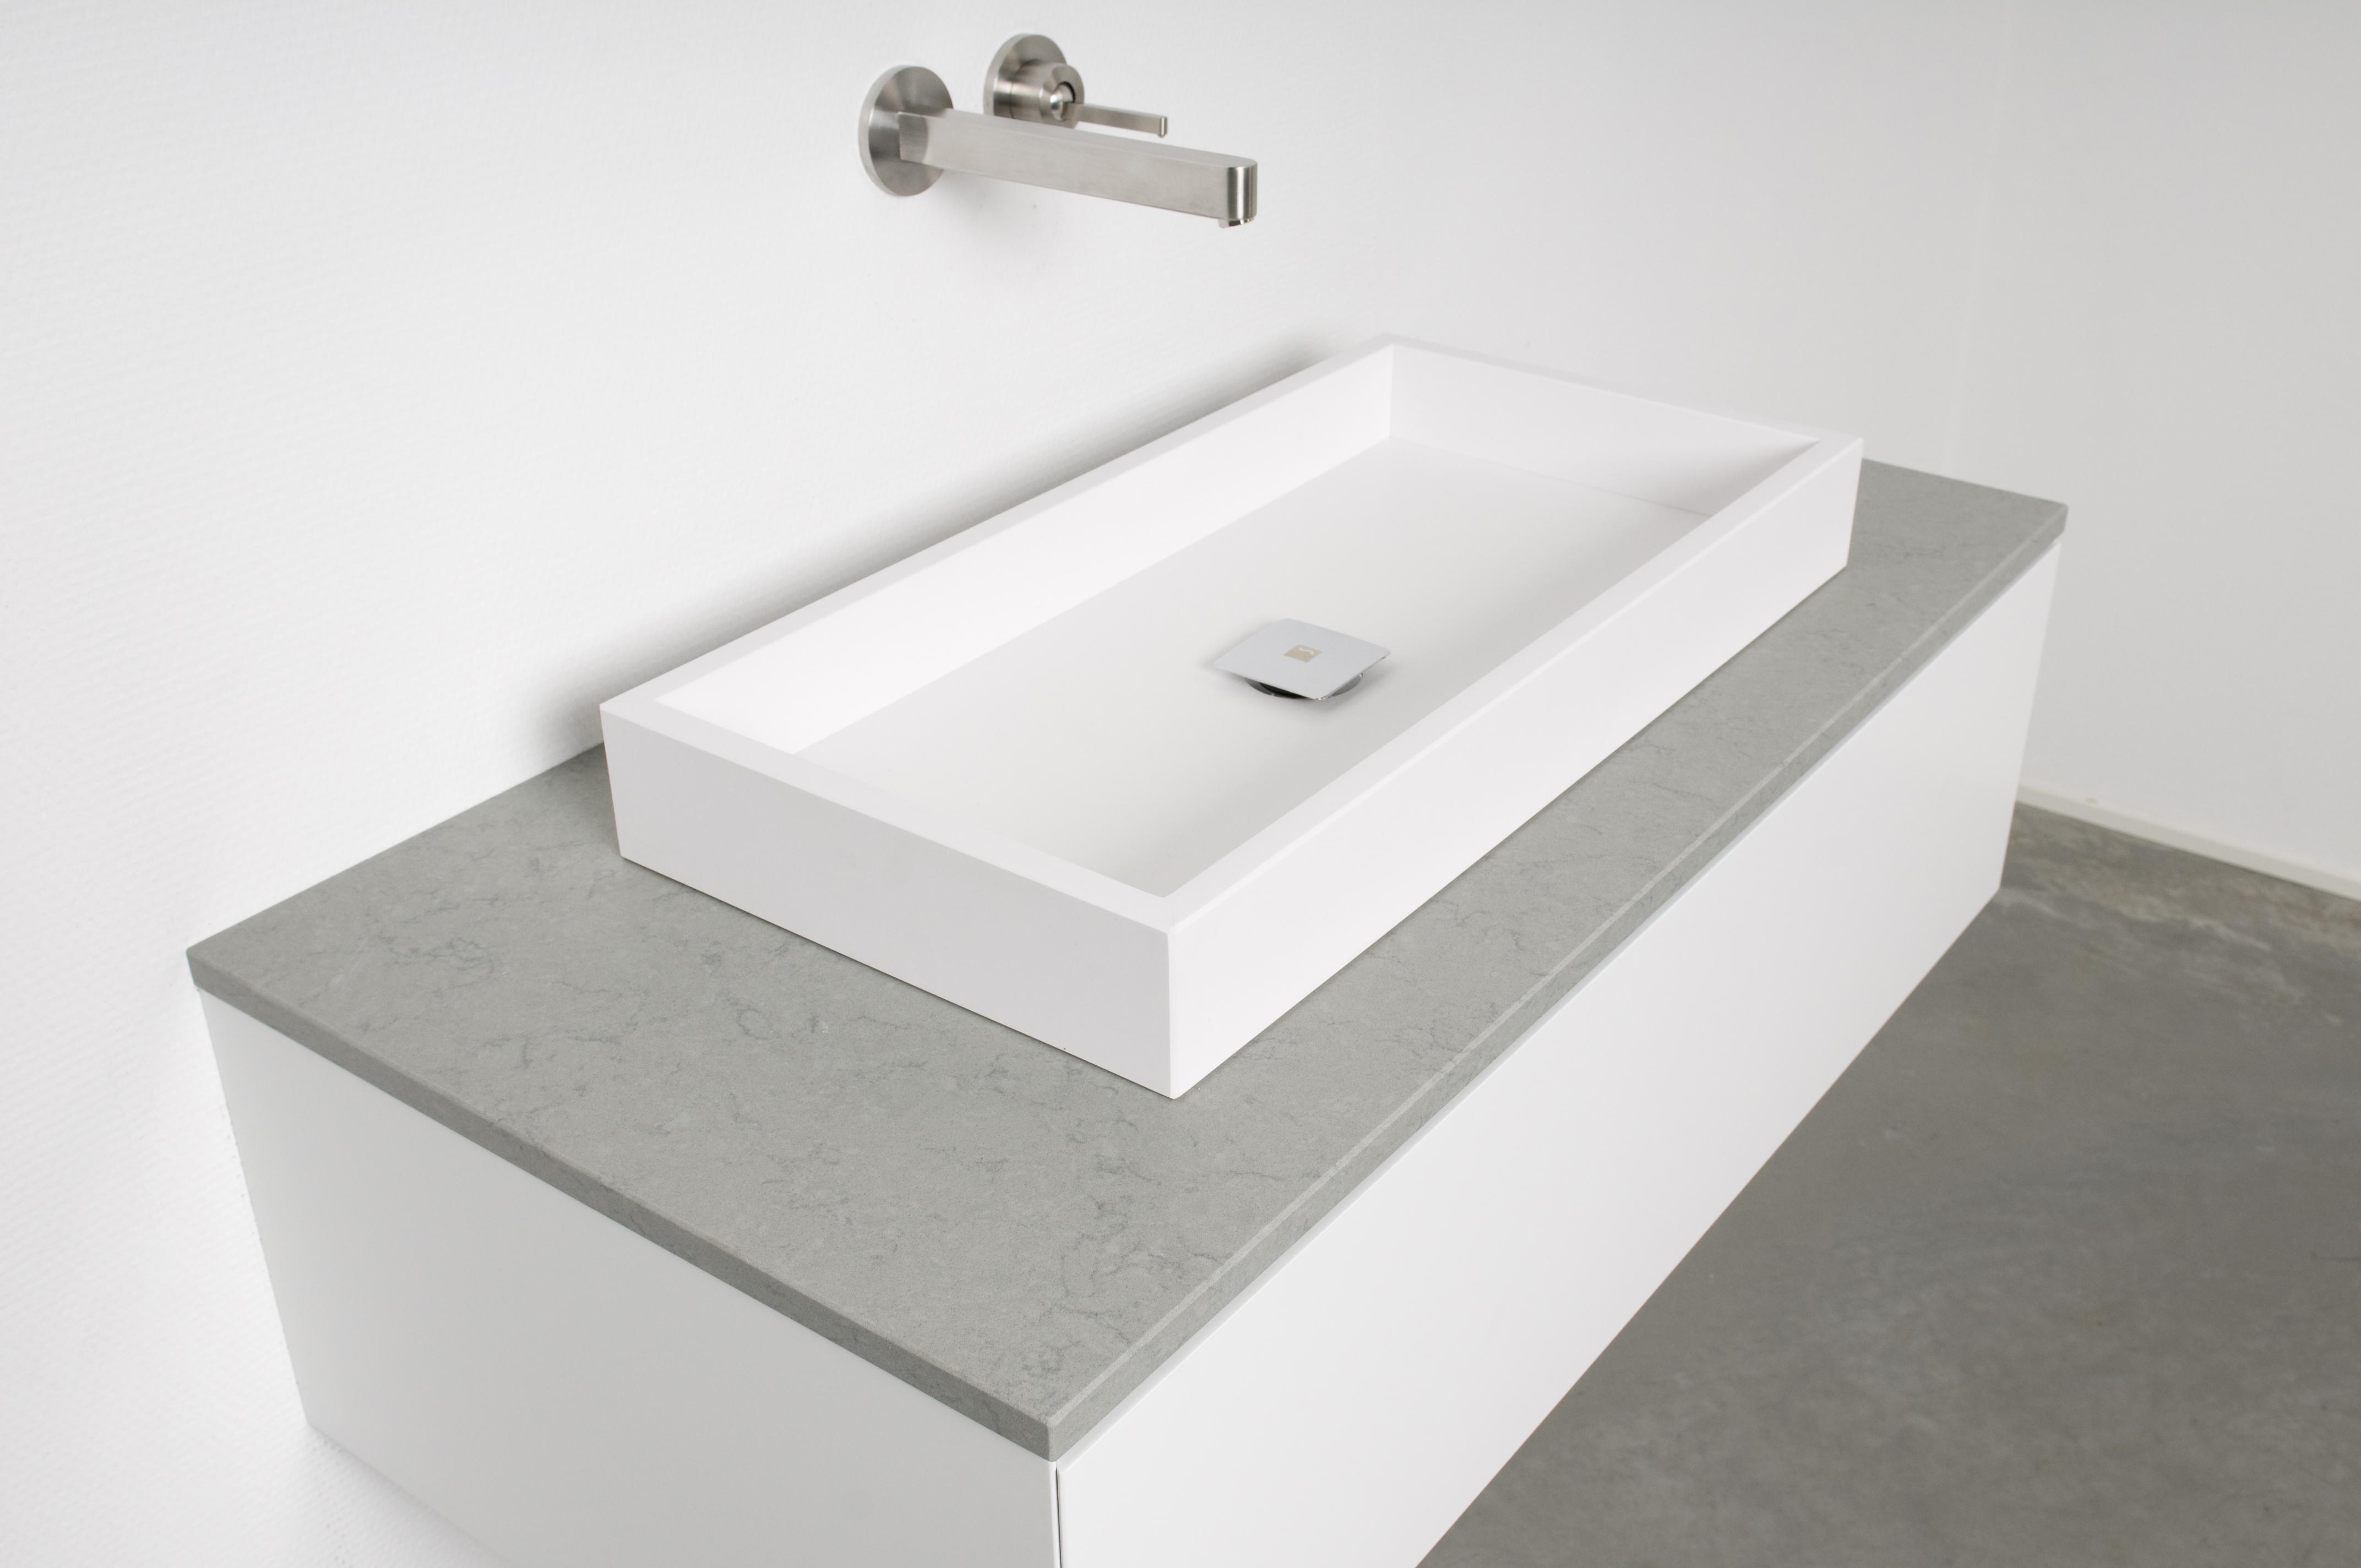 Badkamer Wastafel Blad : Sjiek badmeubelen van q artz nieuws startpagina voor badkamer